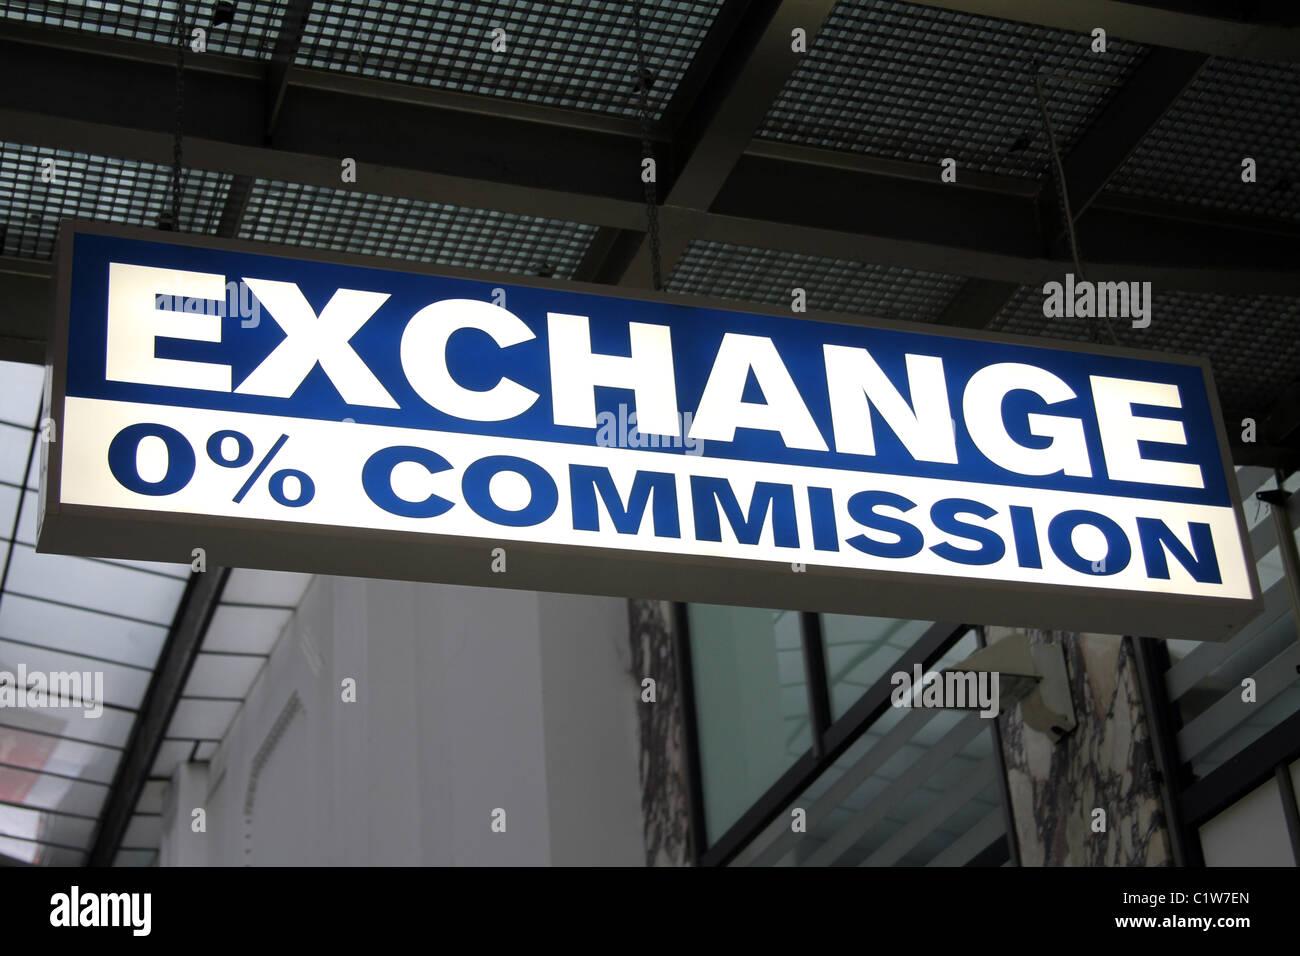 bureau de change 0 commission money exchange sign in prague czech republic